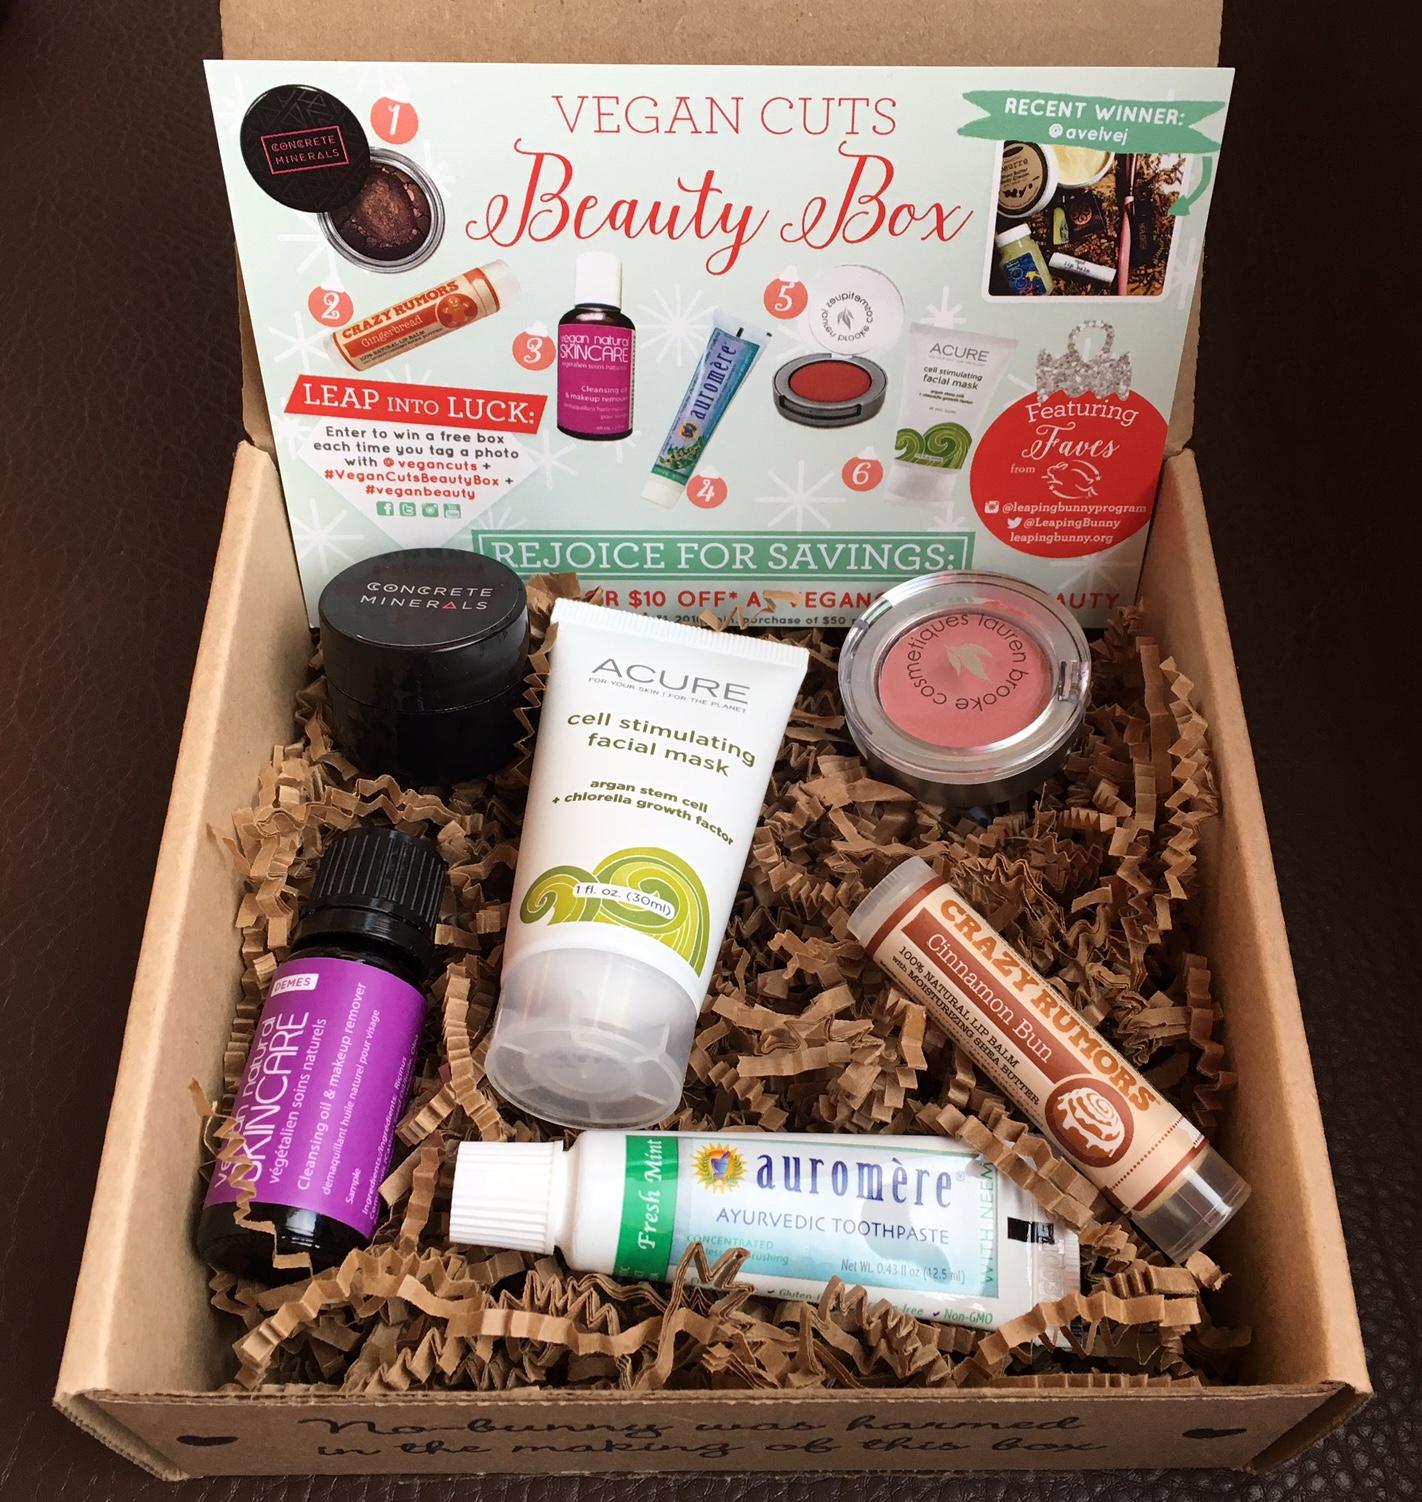 December 2015 Vegan Cuts beauty box